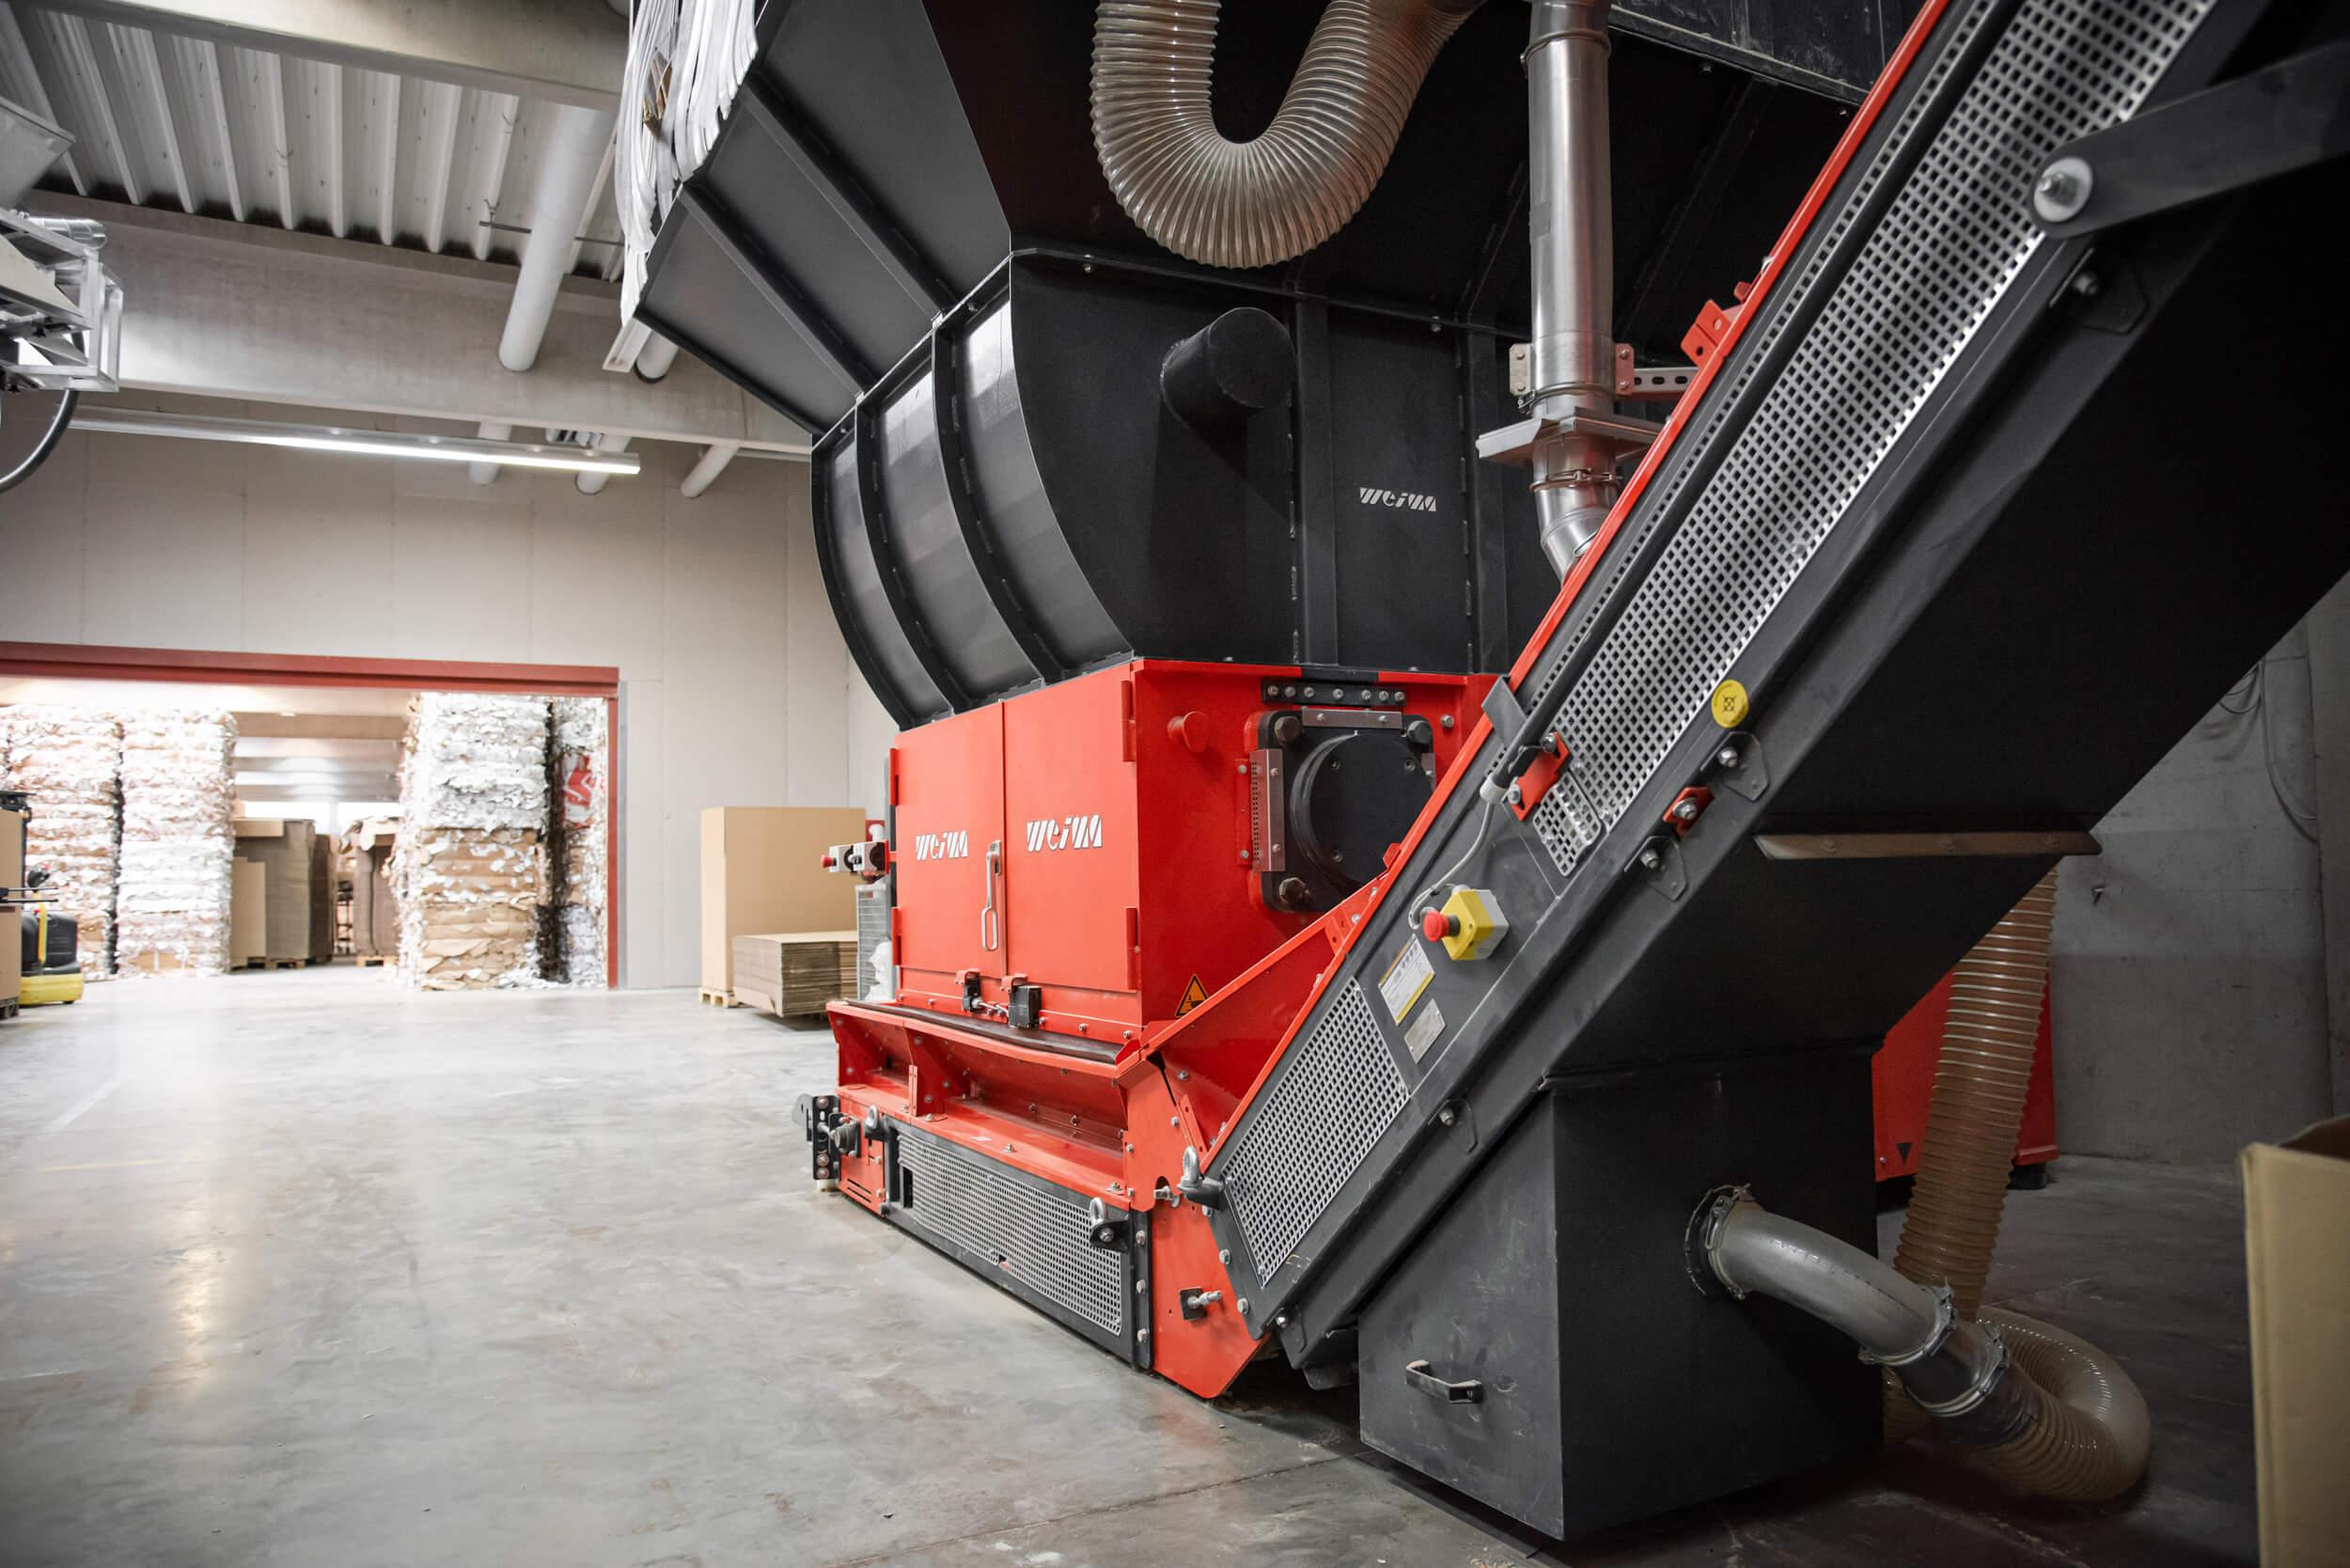 WEIMA WLK 1500 Papier-Shredder mit Logspacer Trichter in der Produktionshalle der easy2cool GmbH